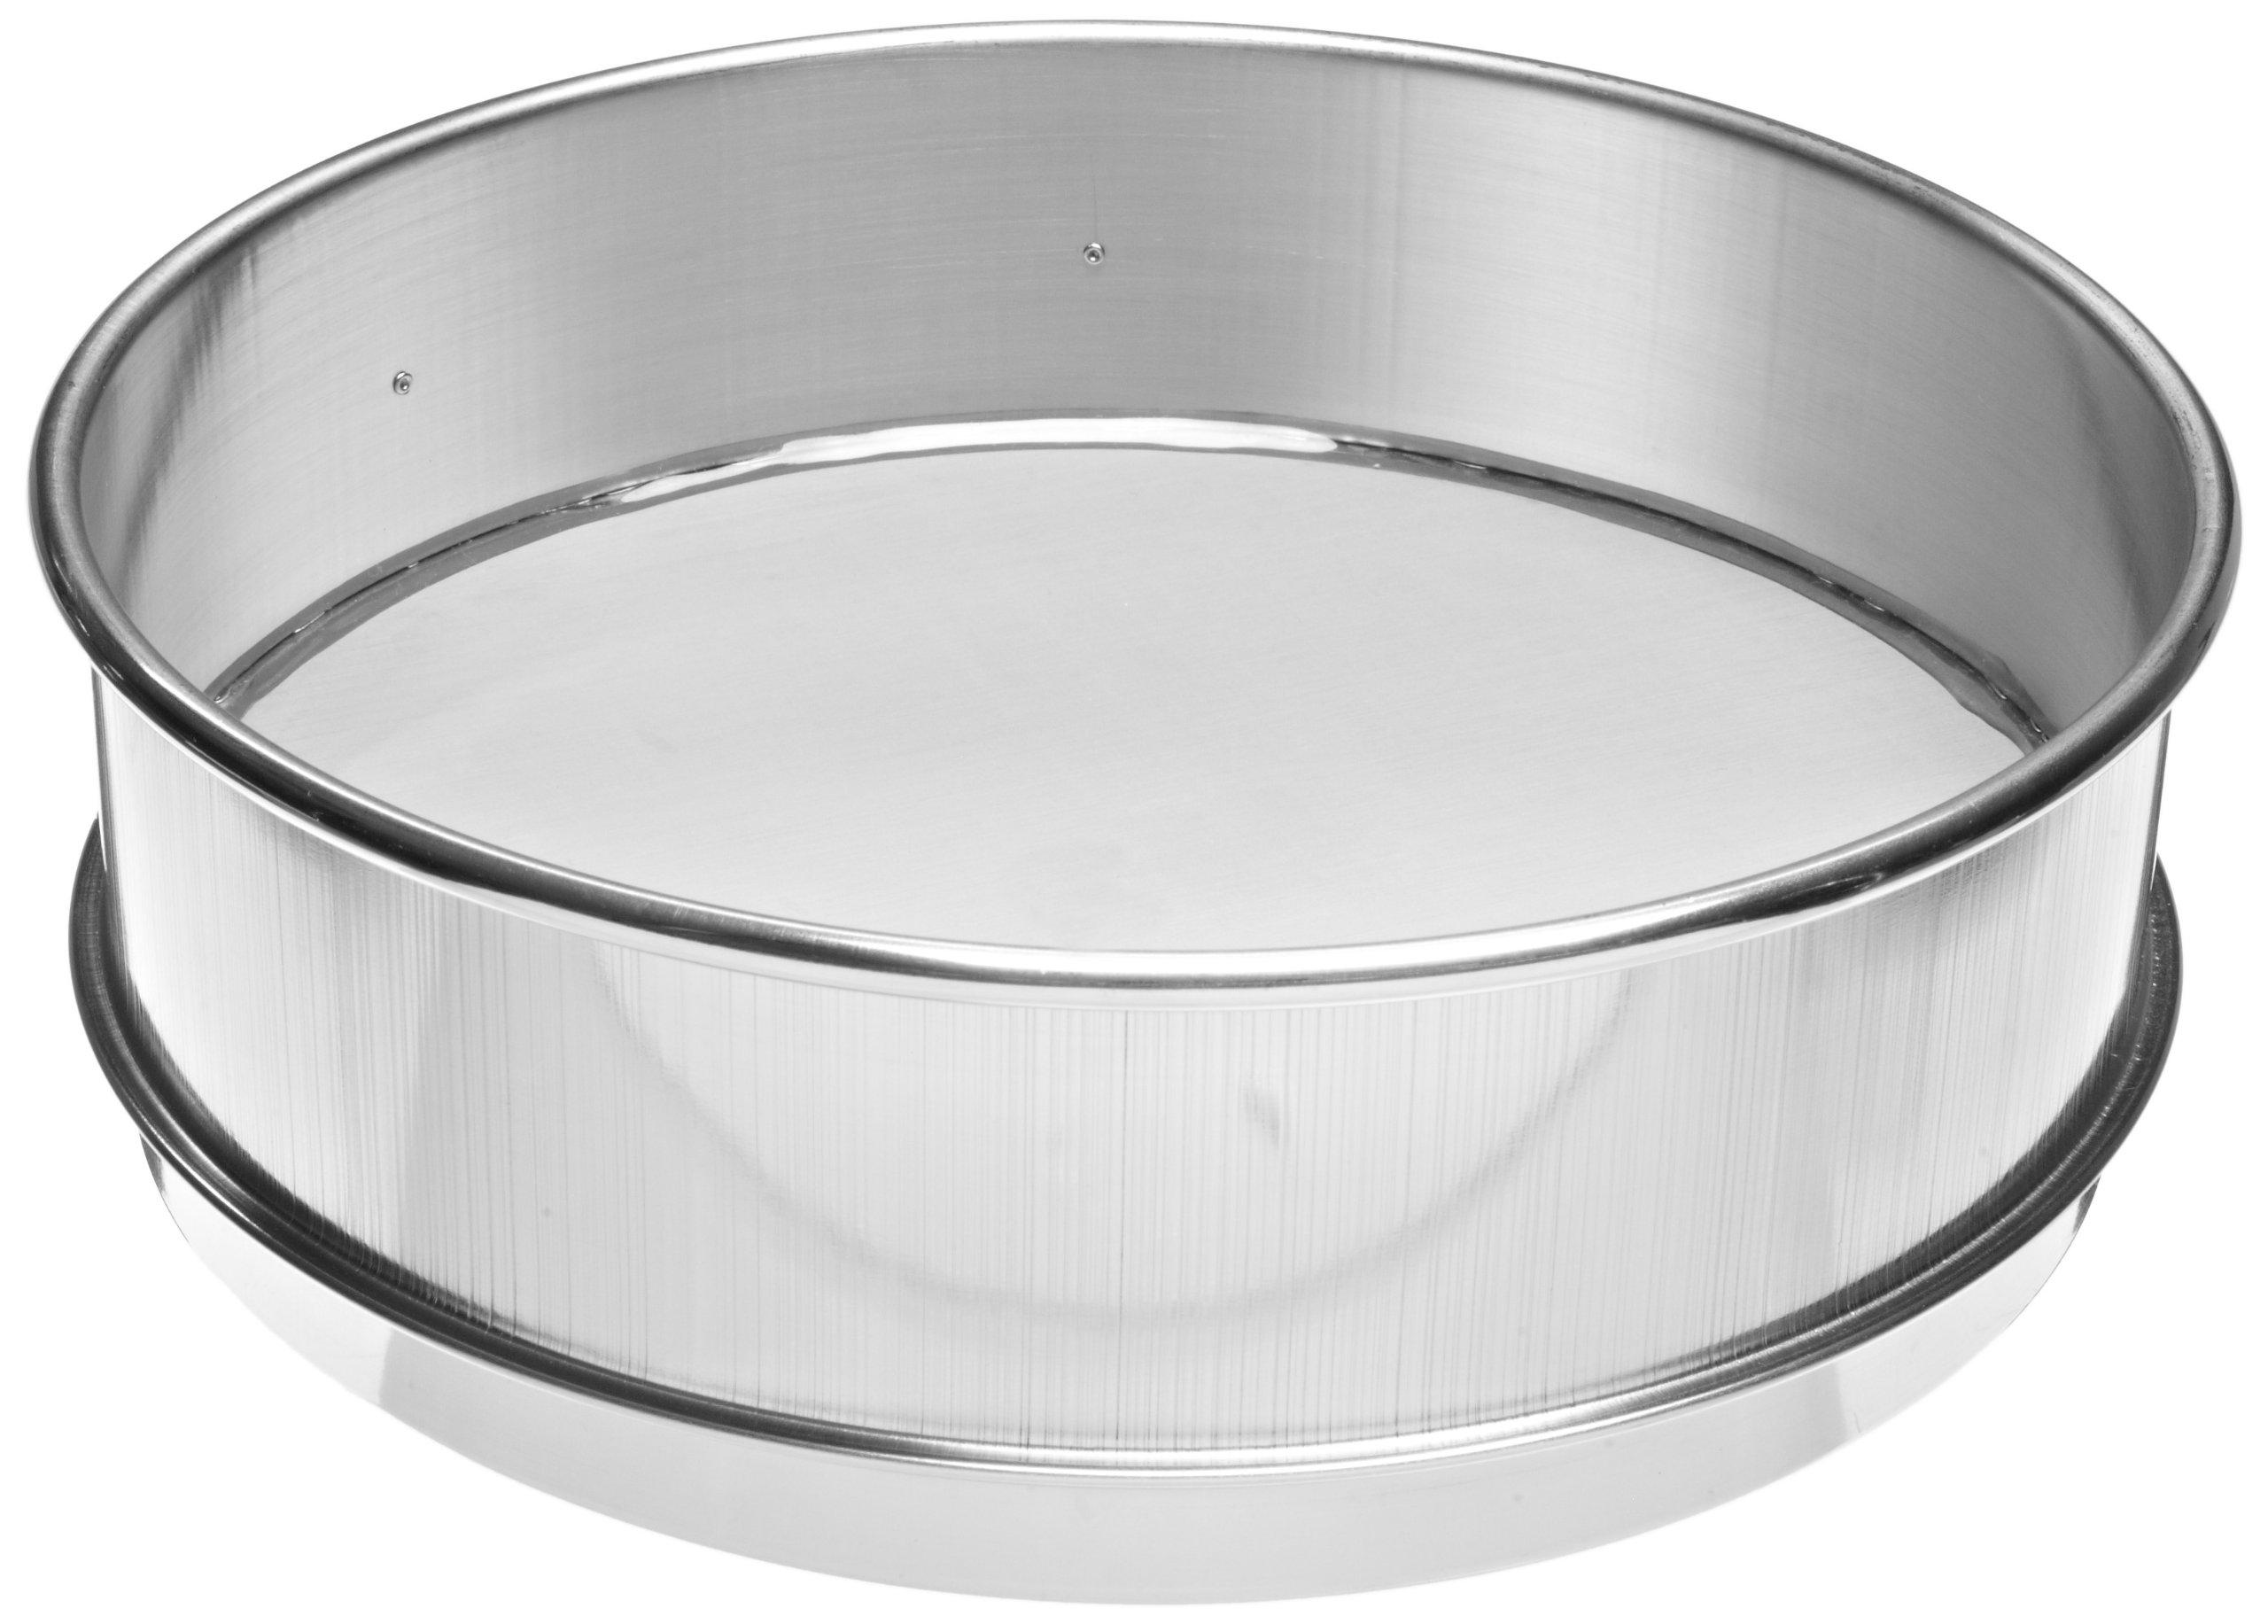 Advantech Stainless Steel Test Sieves, 8'' Diameter, #325 Mesh, Full Height